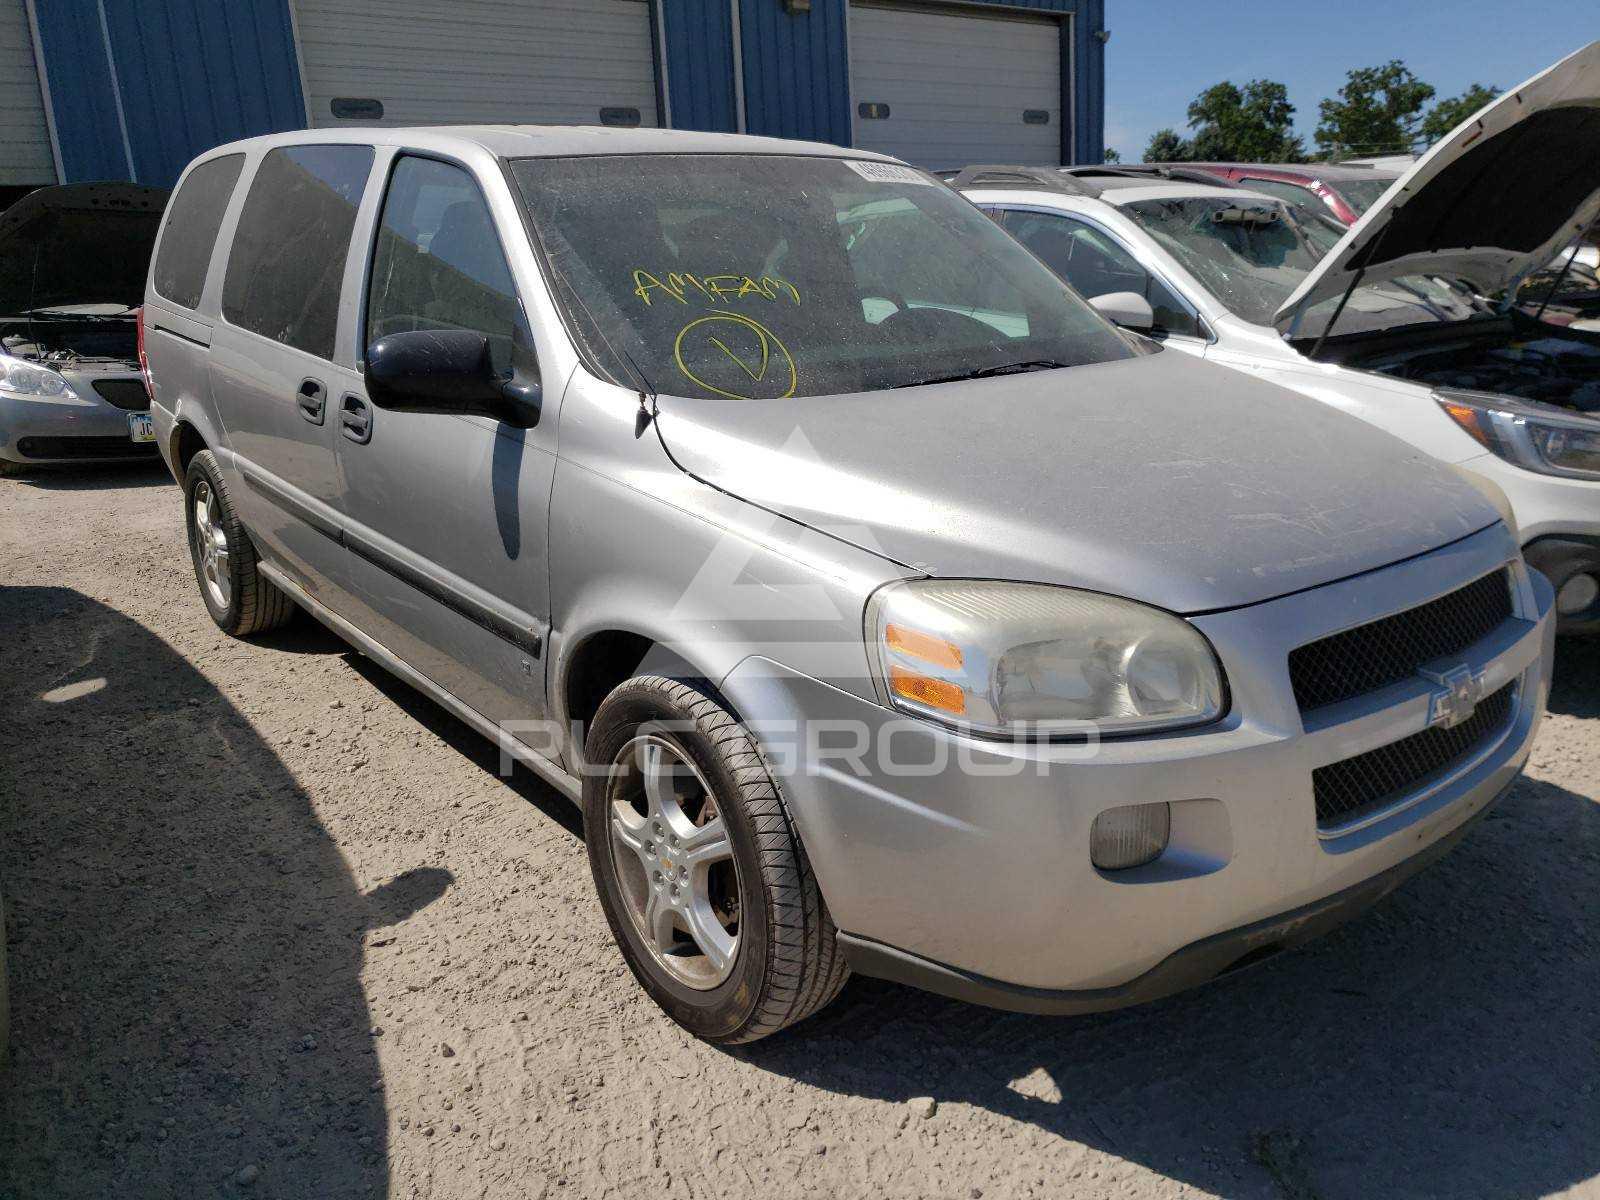 ᐉ Used Chevrolet Uplander 2008 Vin 1gndv23158d207630 For Sale Auction Online Plc Group